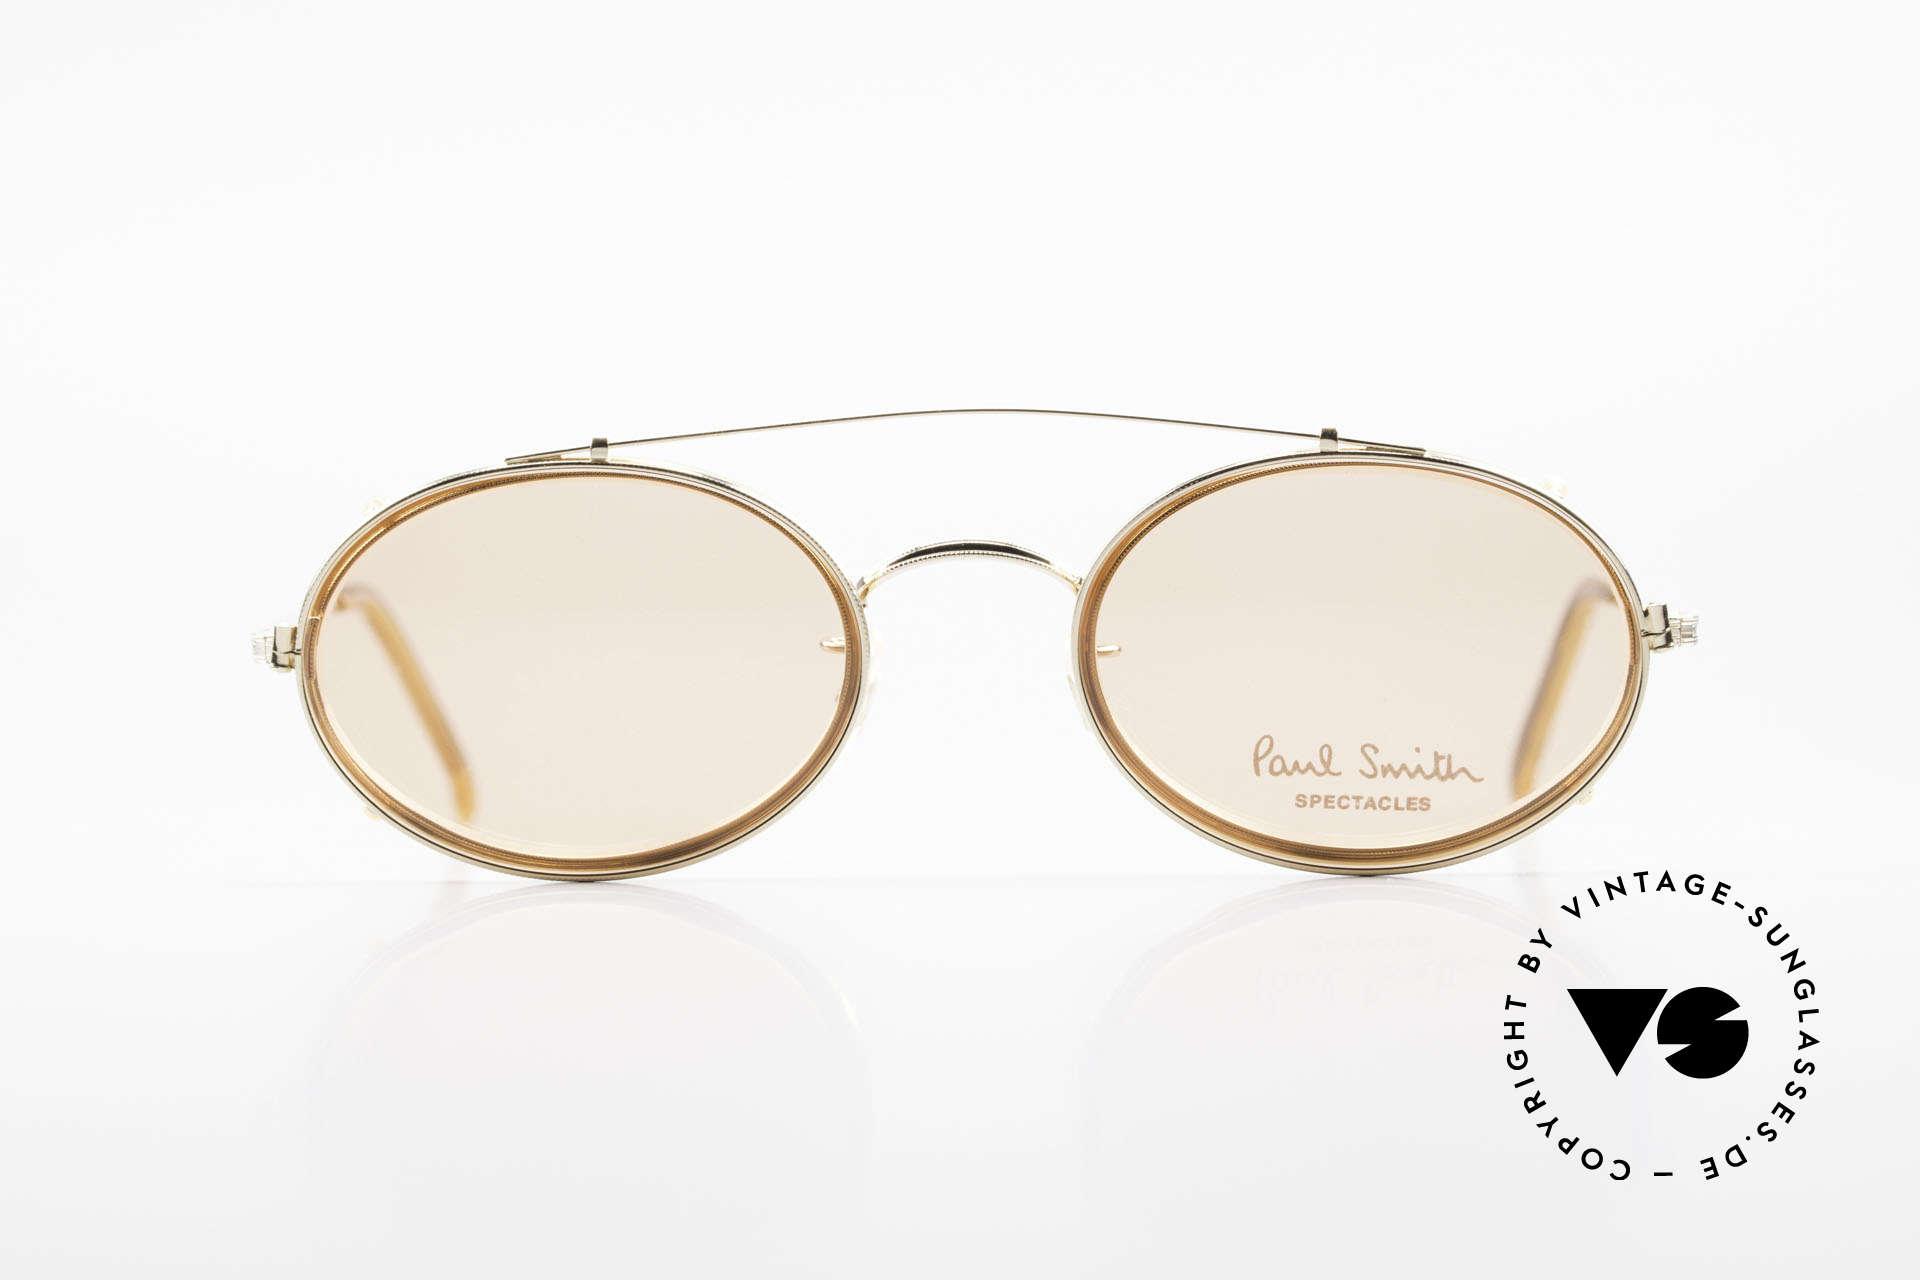 Paul Smith PSR108 Ovale Vintage Brille Mit Clip, aus einer Zeit bevor PS Brillen Lizenzprodukte wurden, Passend für Herren und Damen